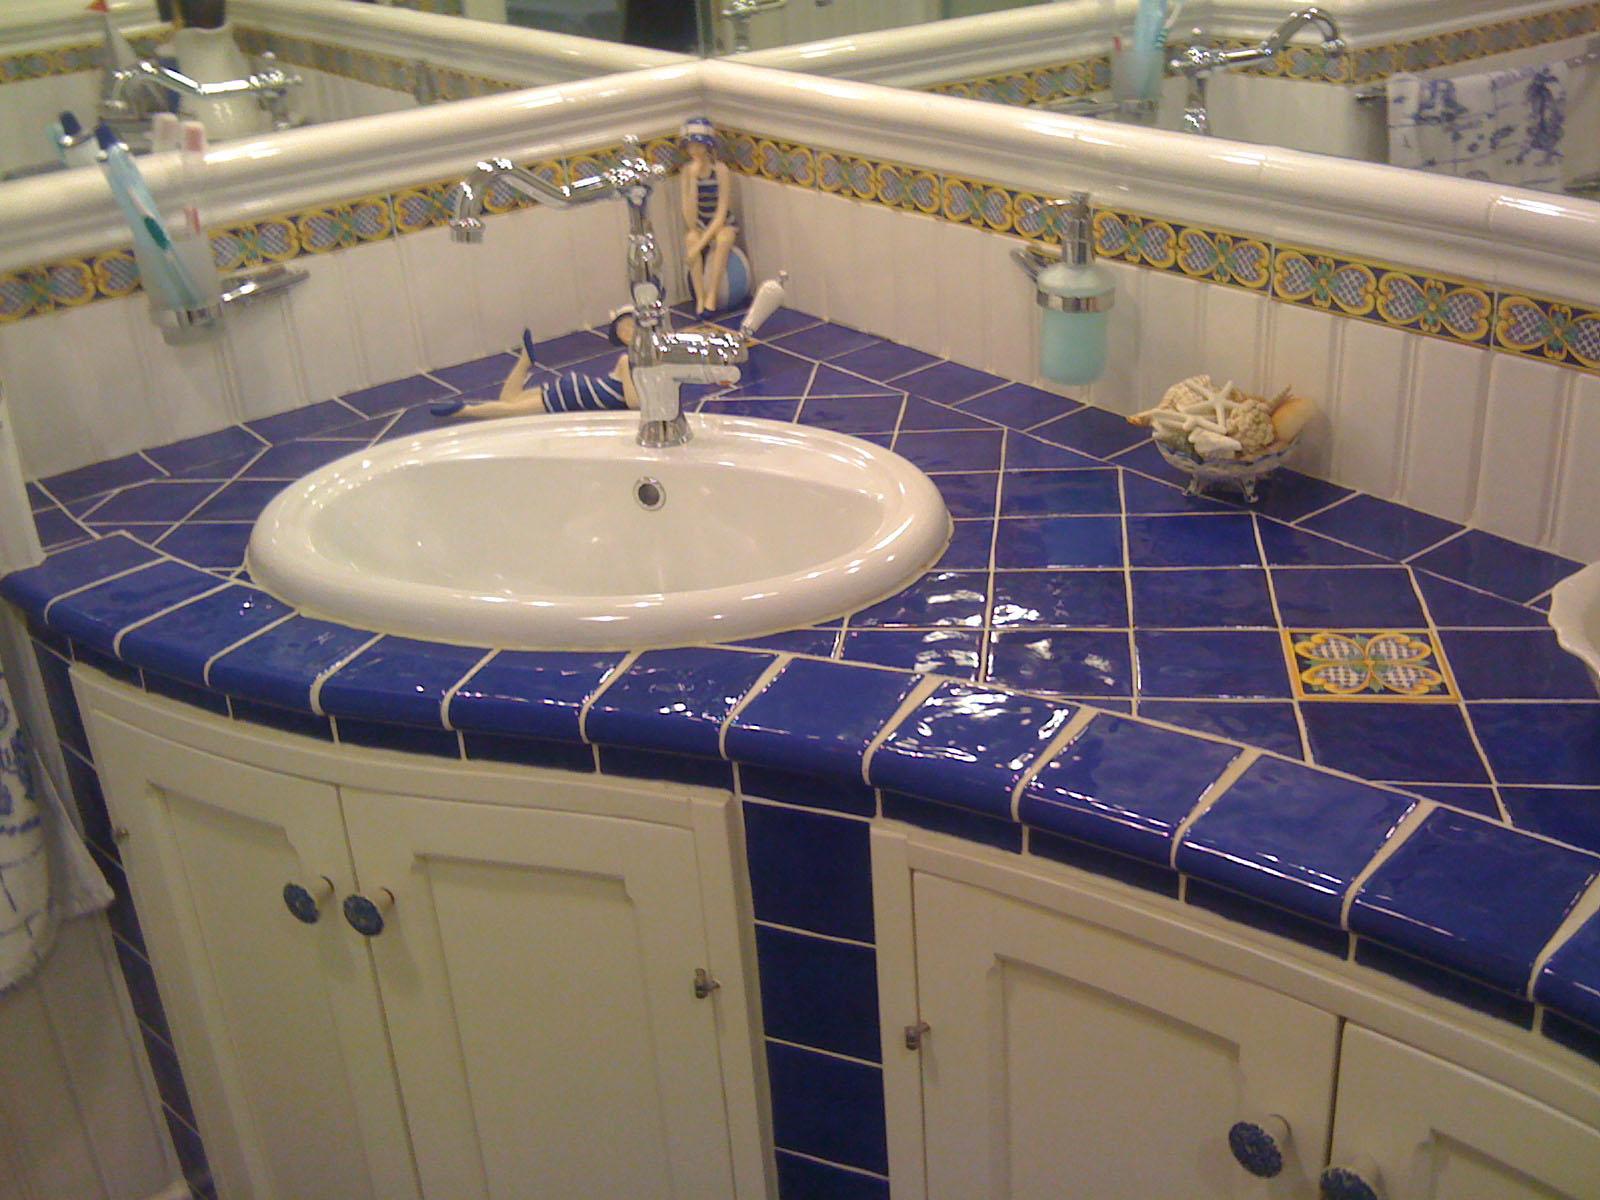 sala bagno roma falegnameria su misura (2)